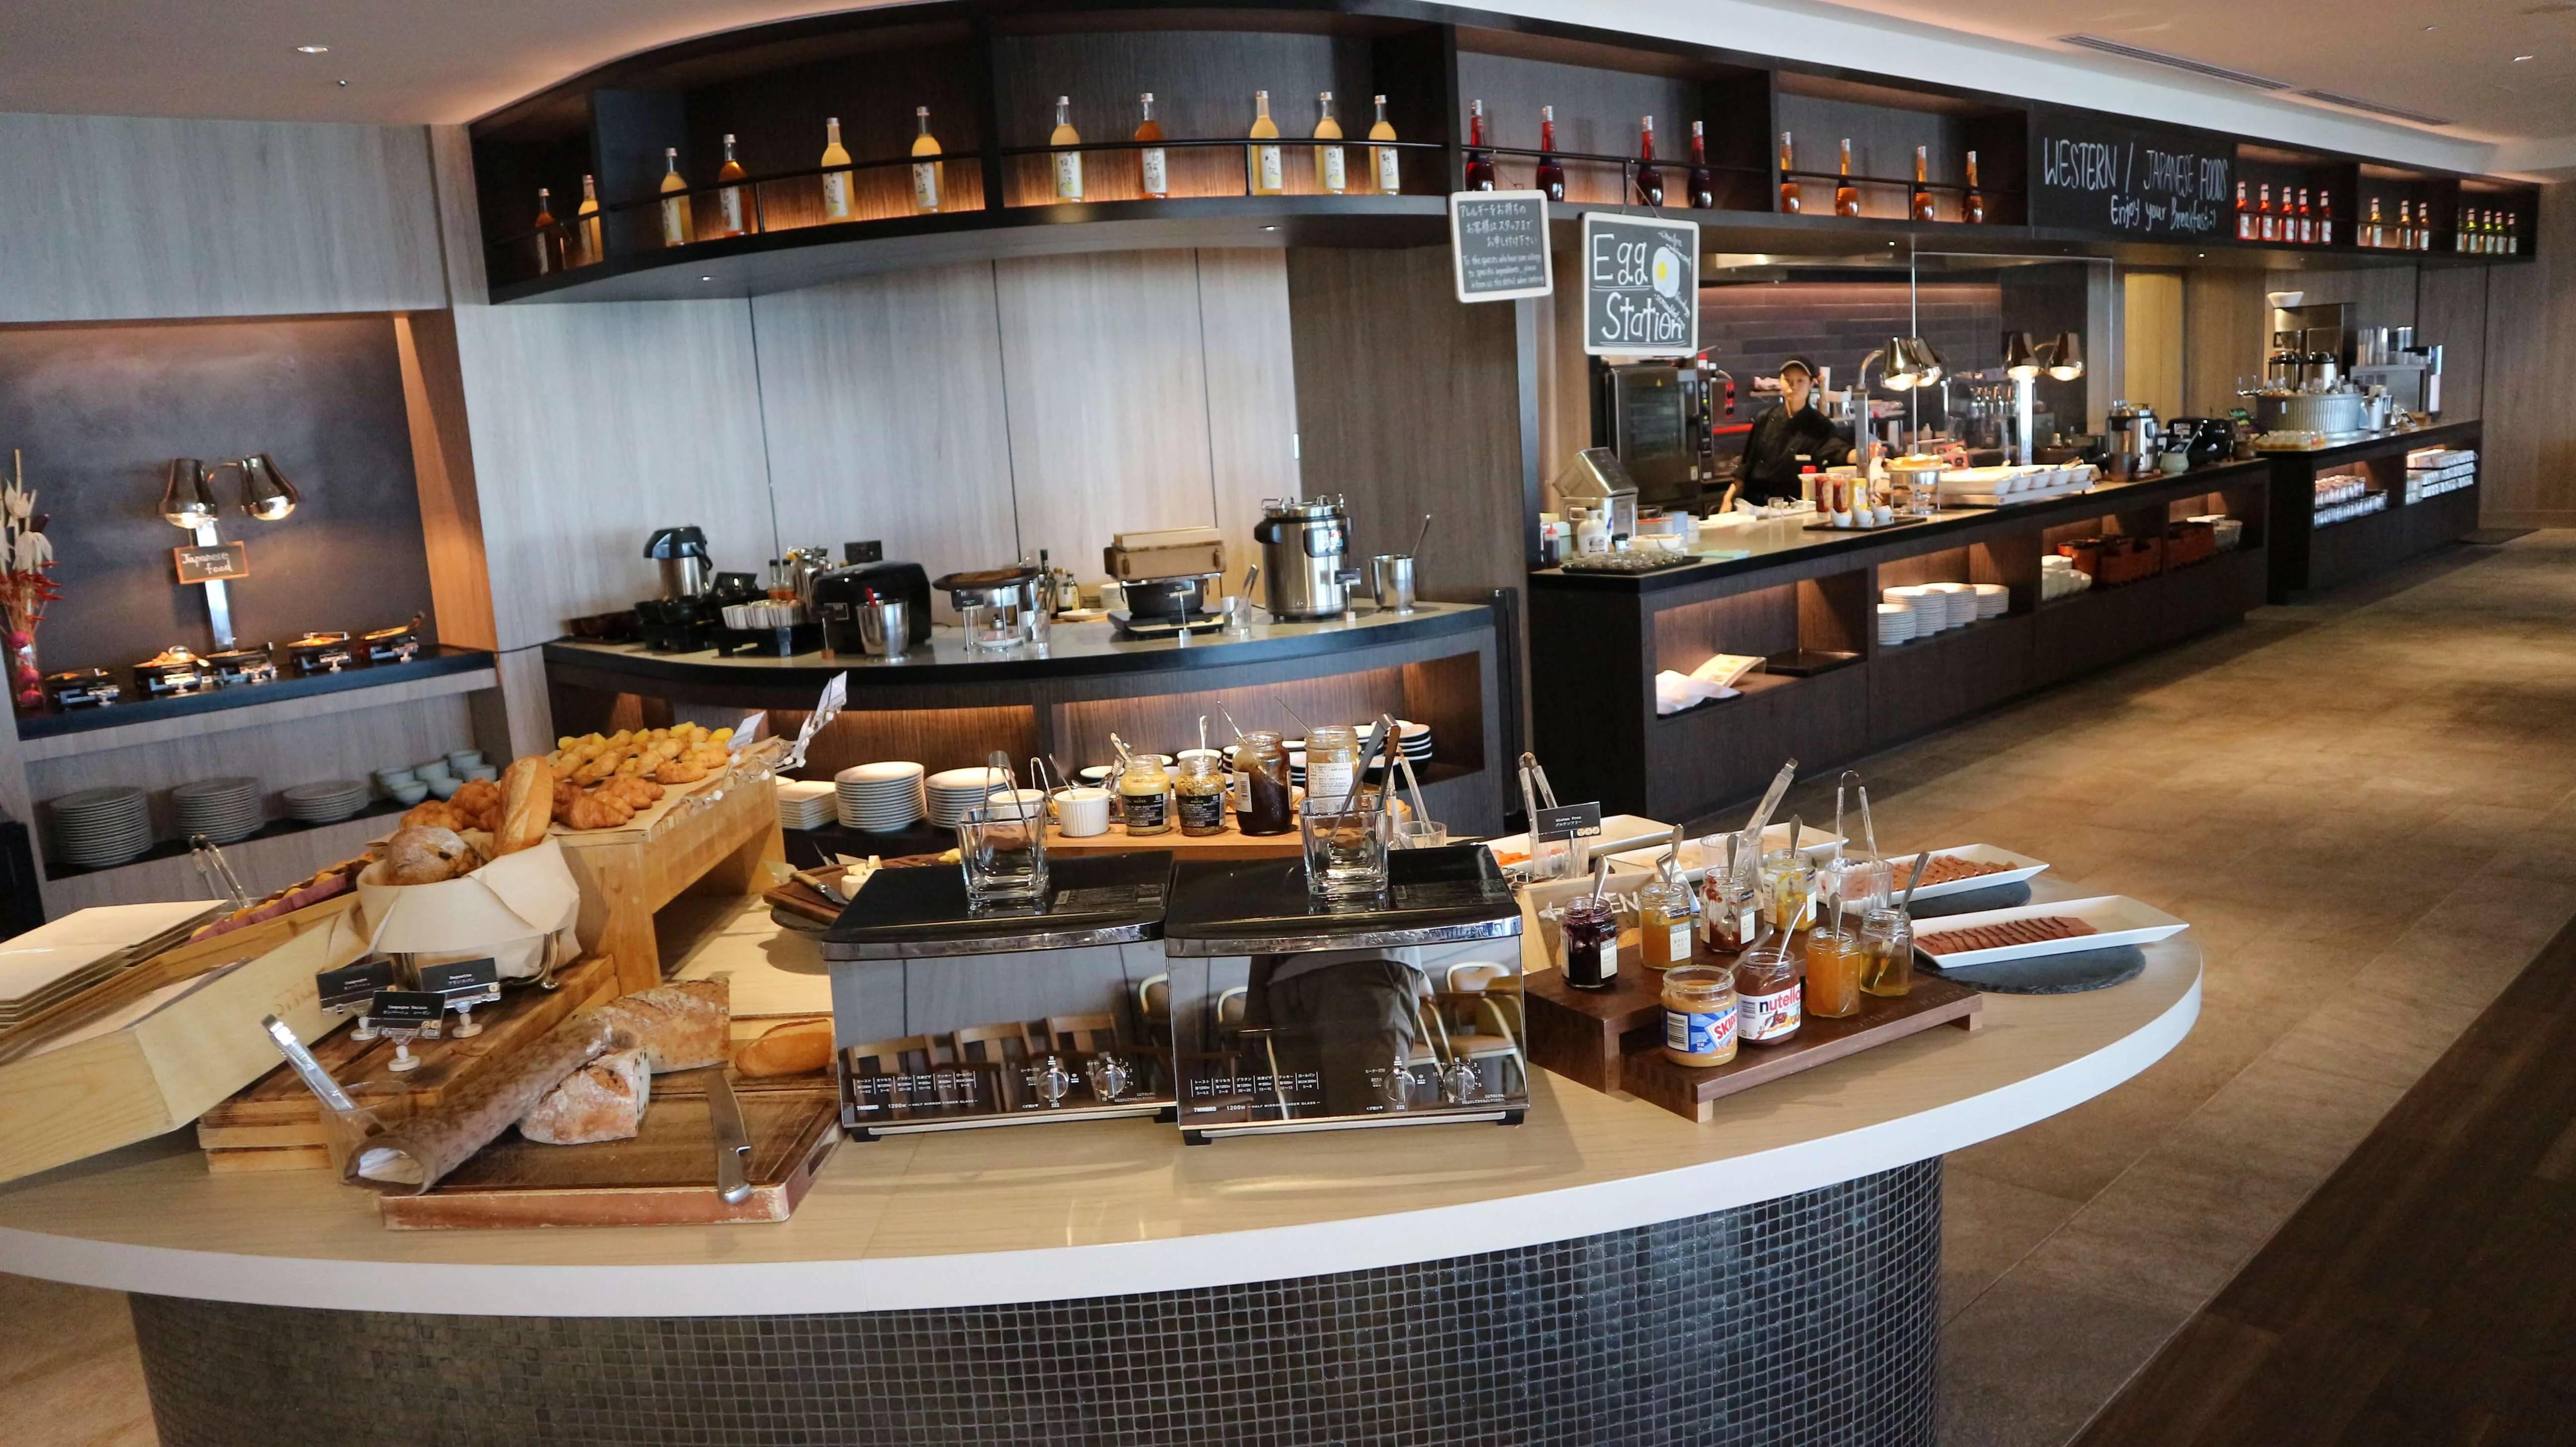 南紀白浜マリオットホテル レストラン Grill & Dining G 朝食・夕食メニュー紹介